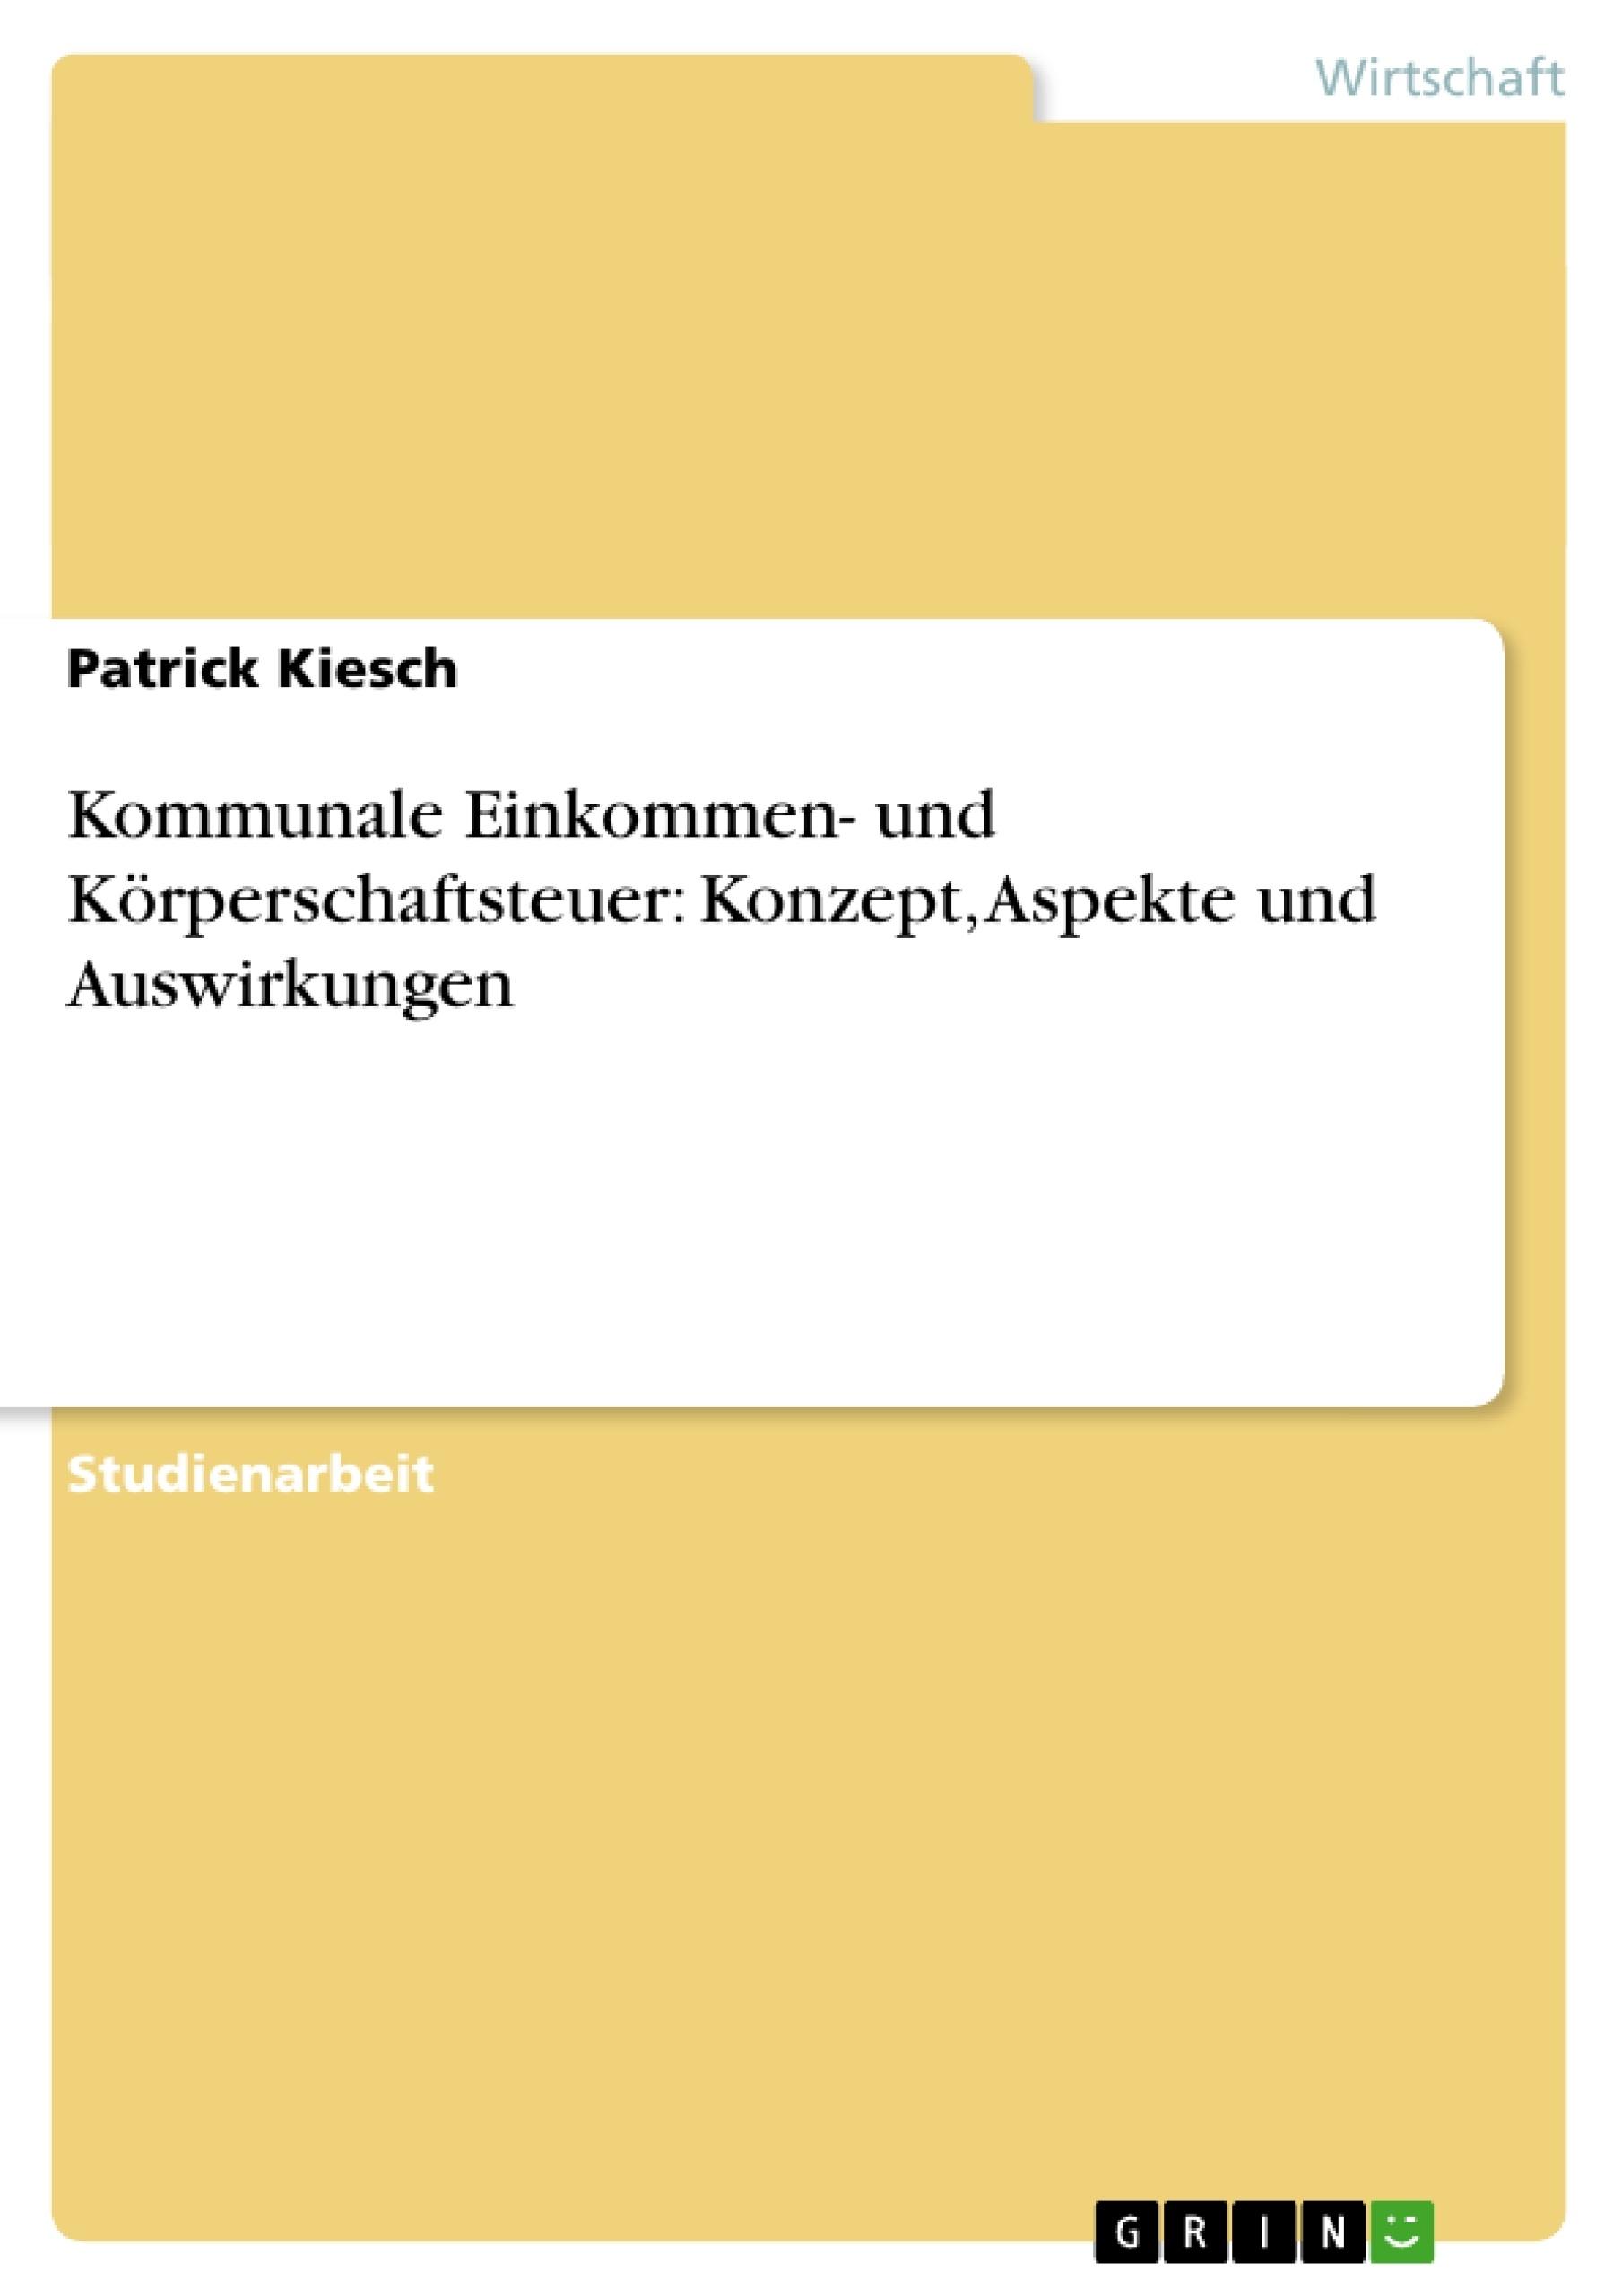 Titel: Kommunale Einkommen- und Körperschaftsteuer: Konzept, Aspekte und Auswirkungen